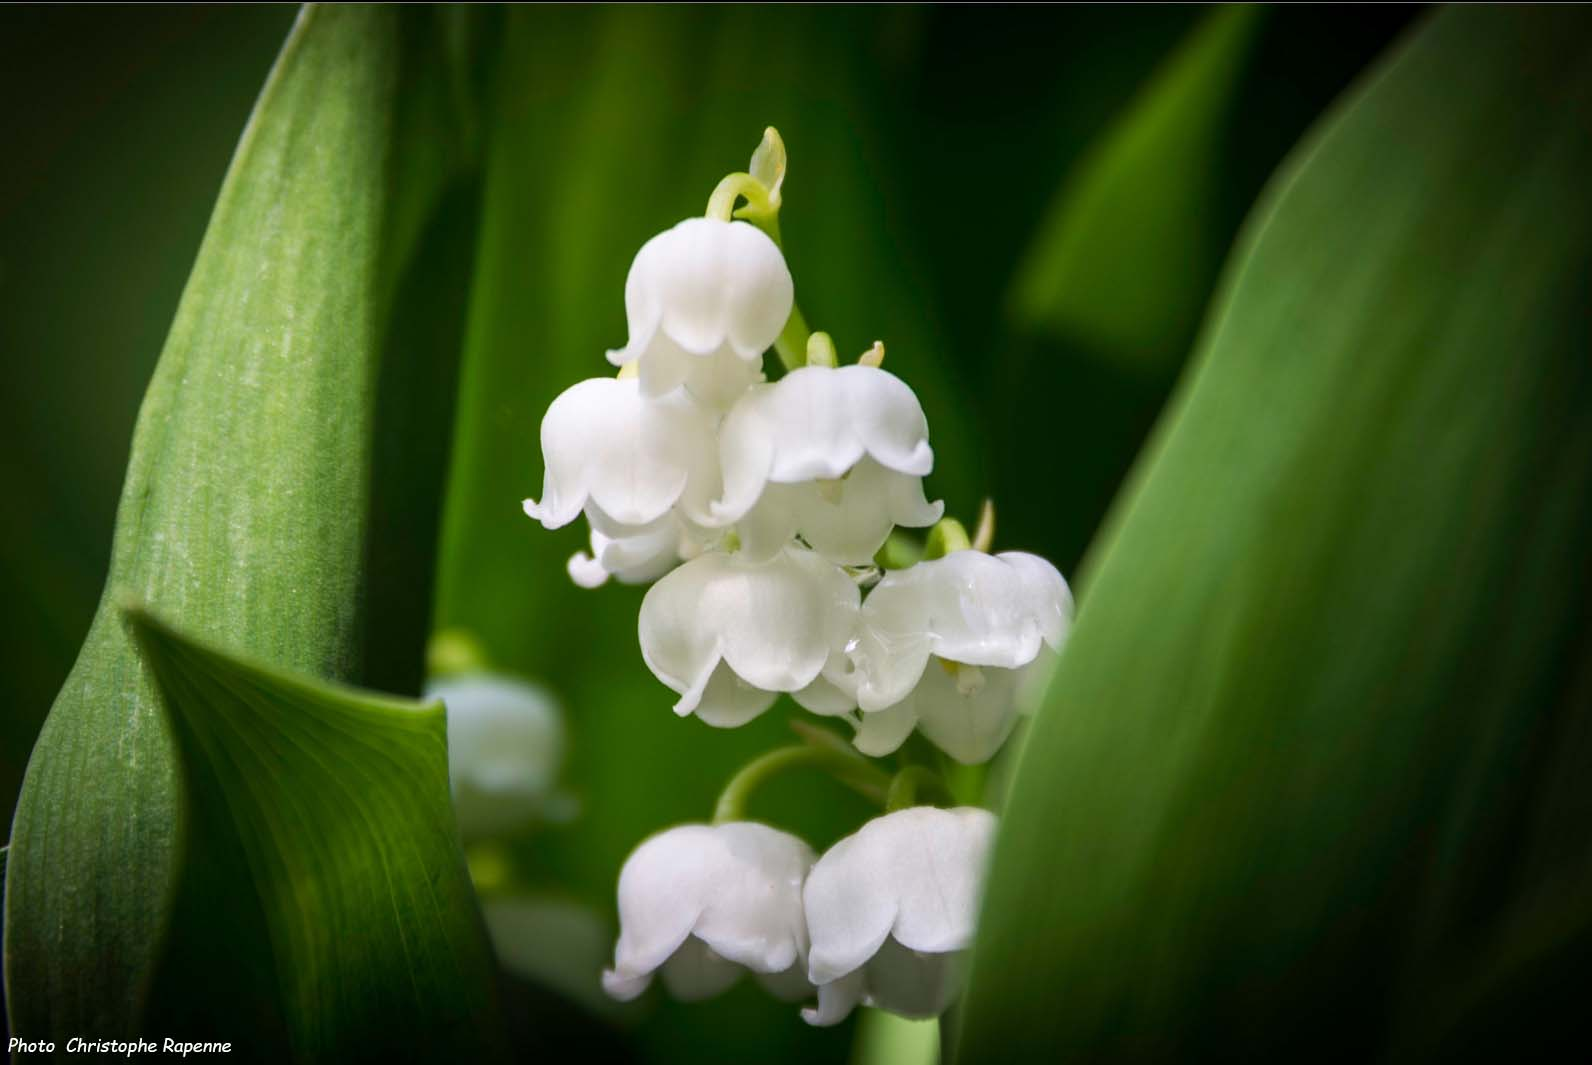 Comment Planter Du Muguet muguet : plantation, entretien - promesse de fleurs